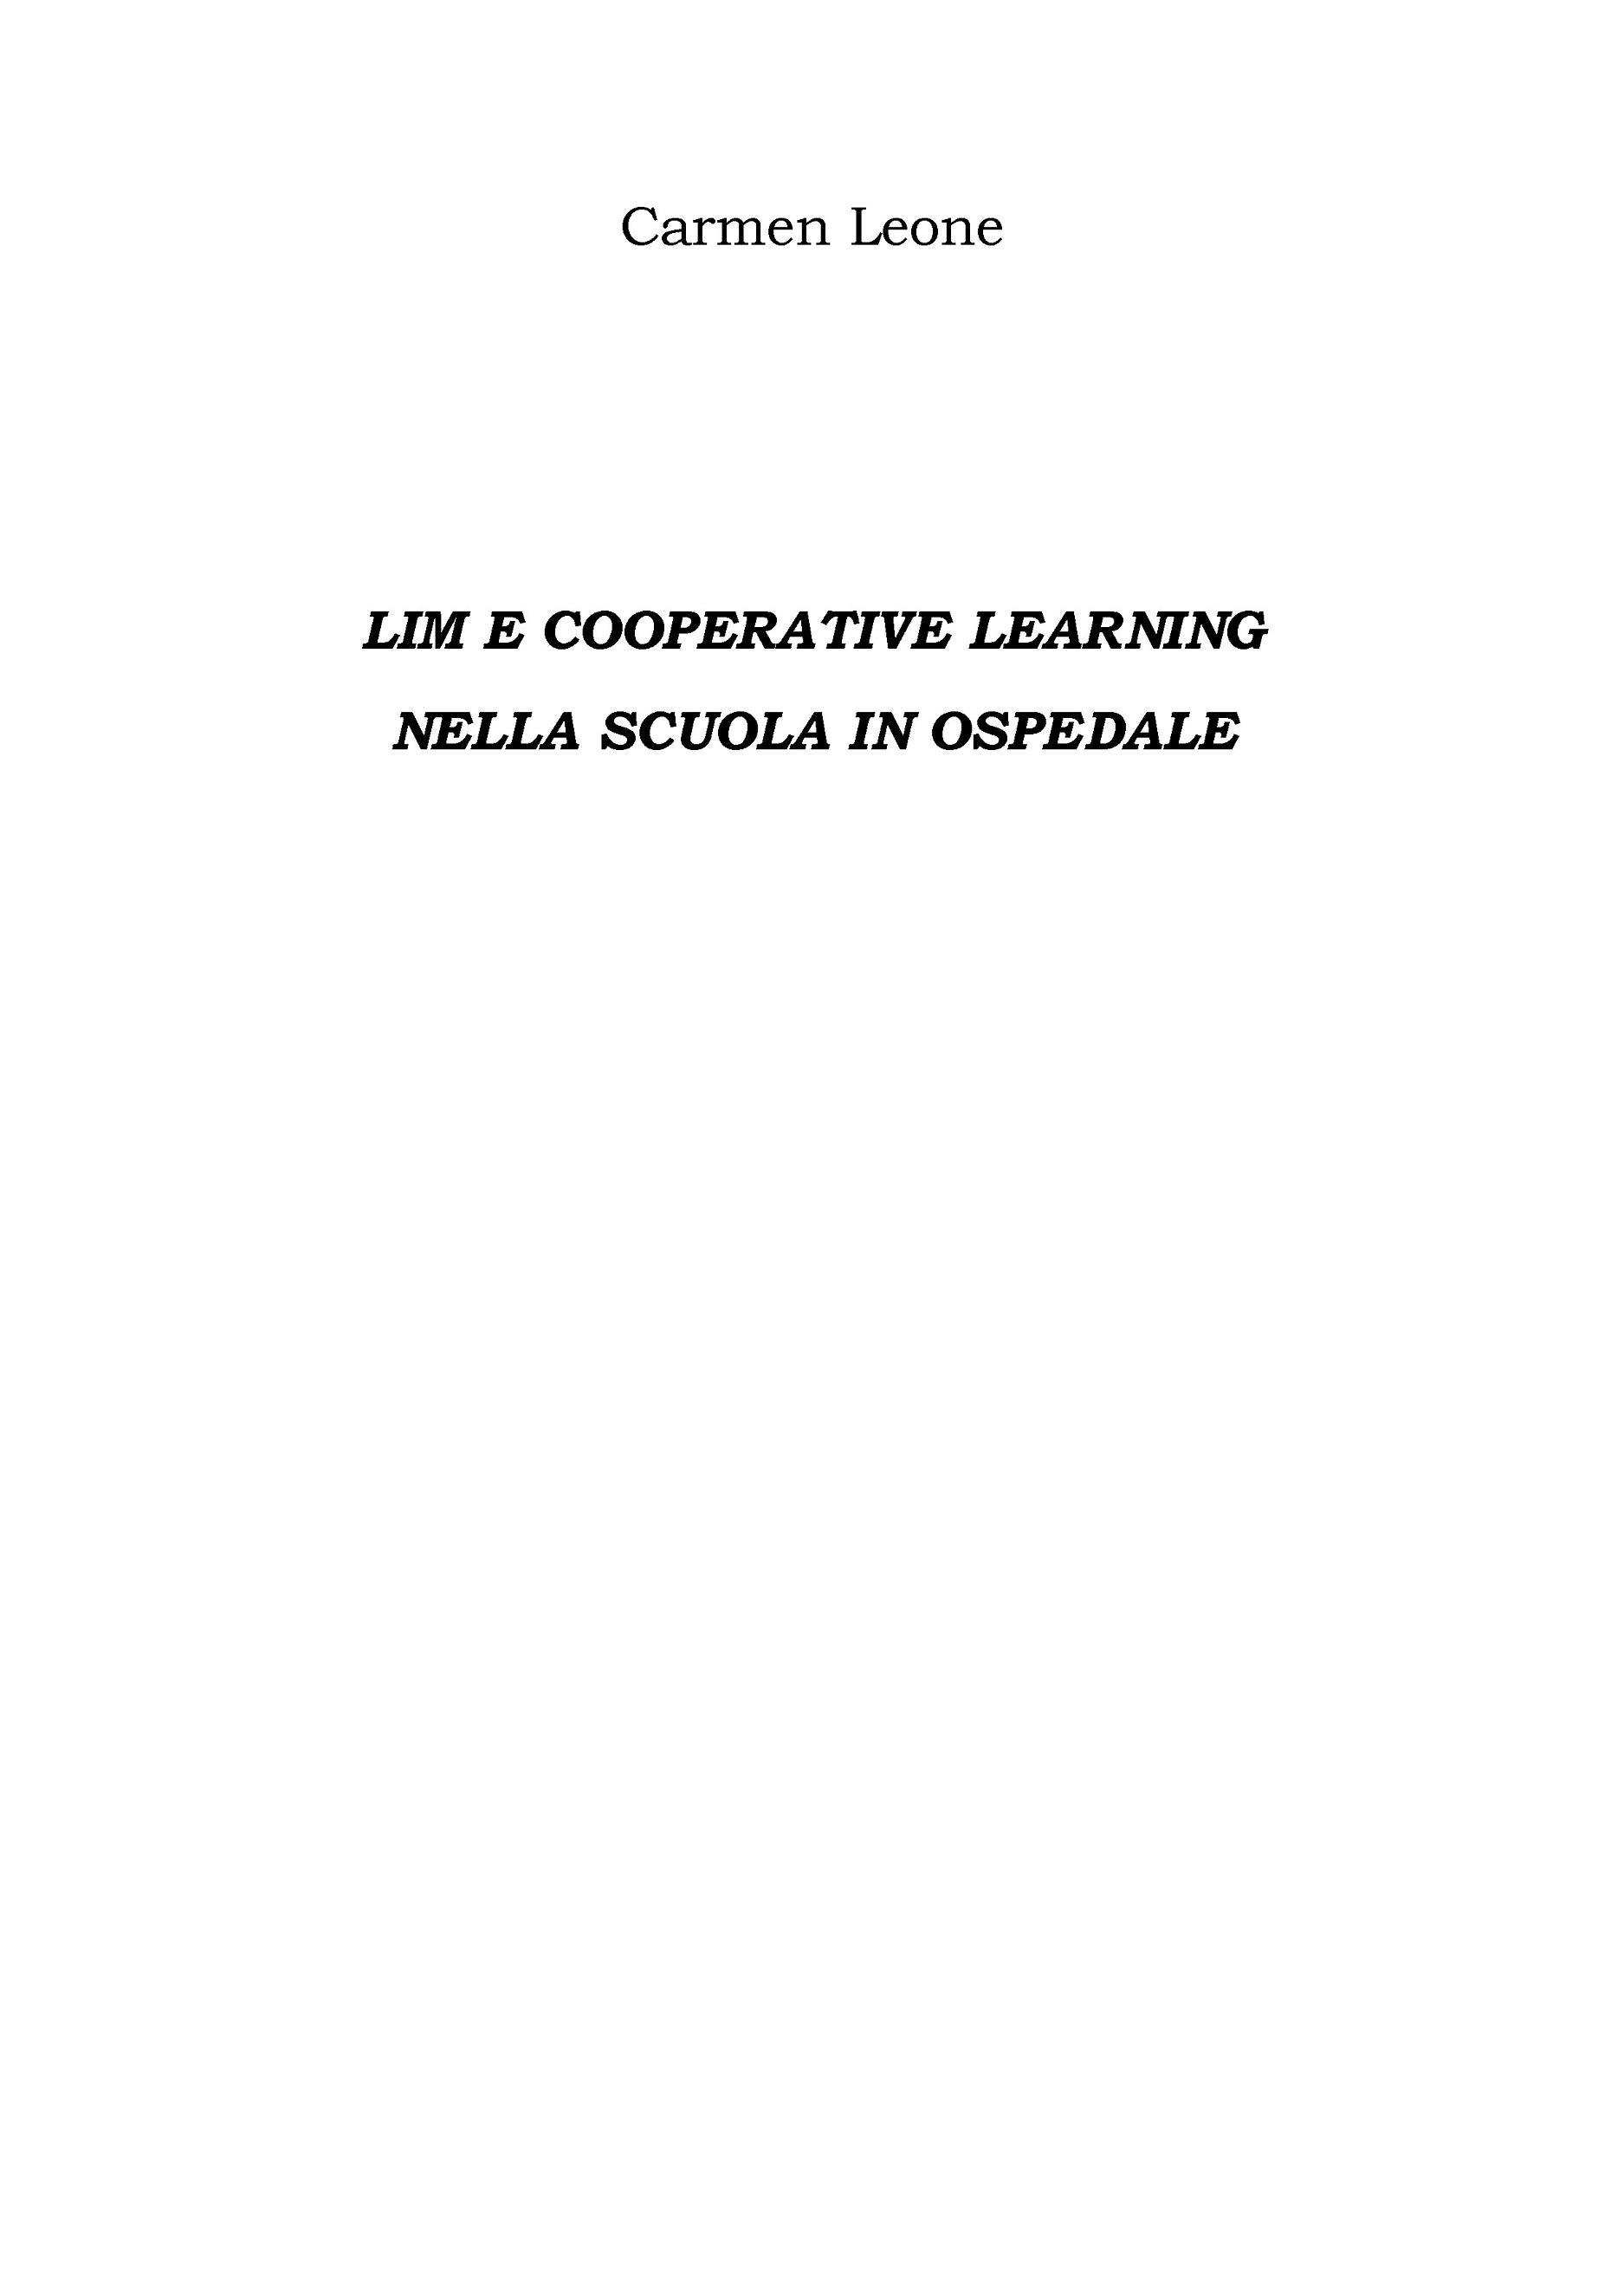 Lim e cooperative learning Nella scuola in ospedale